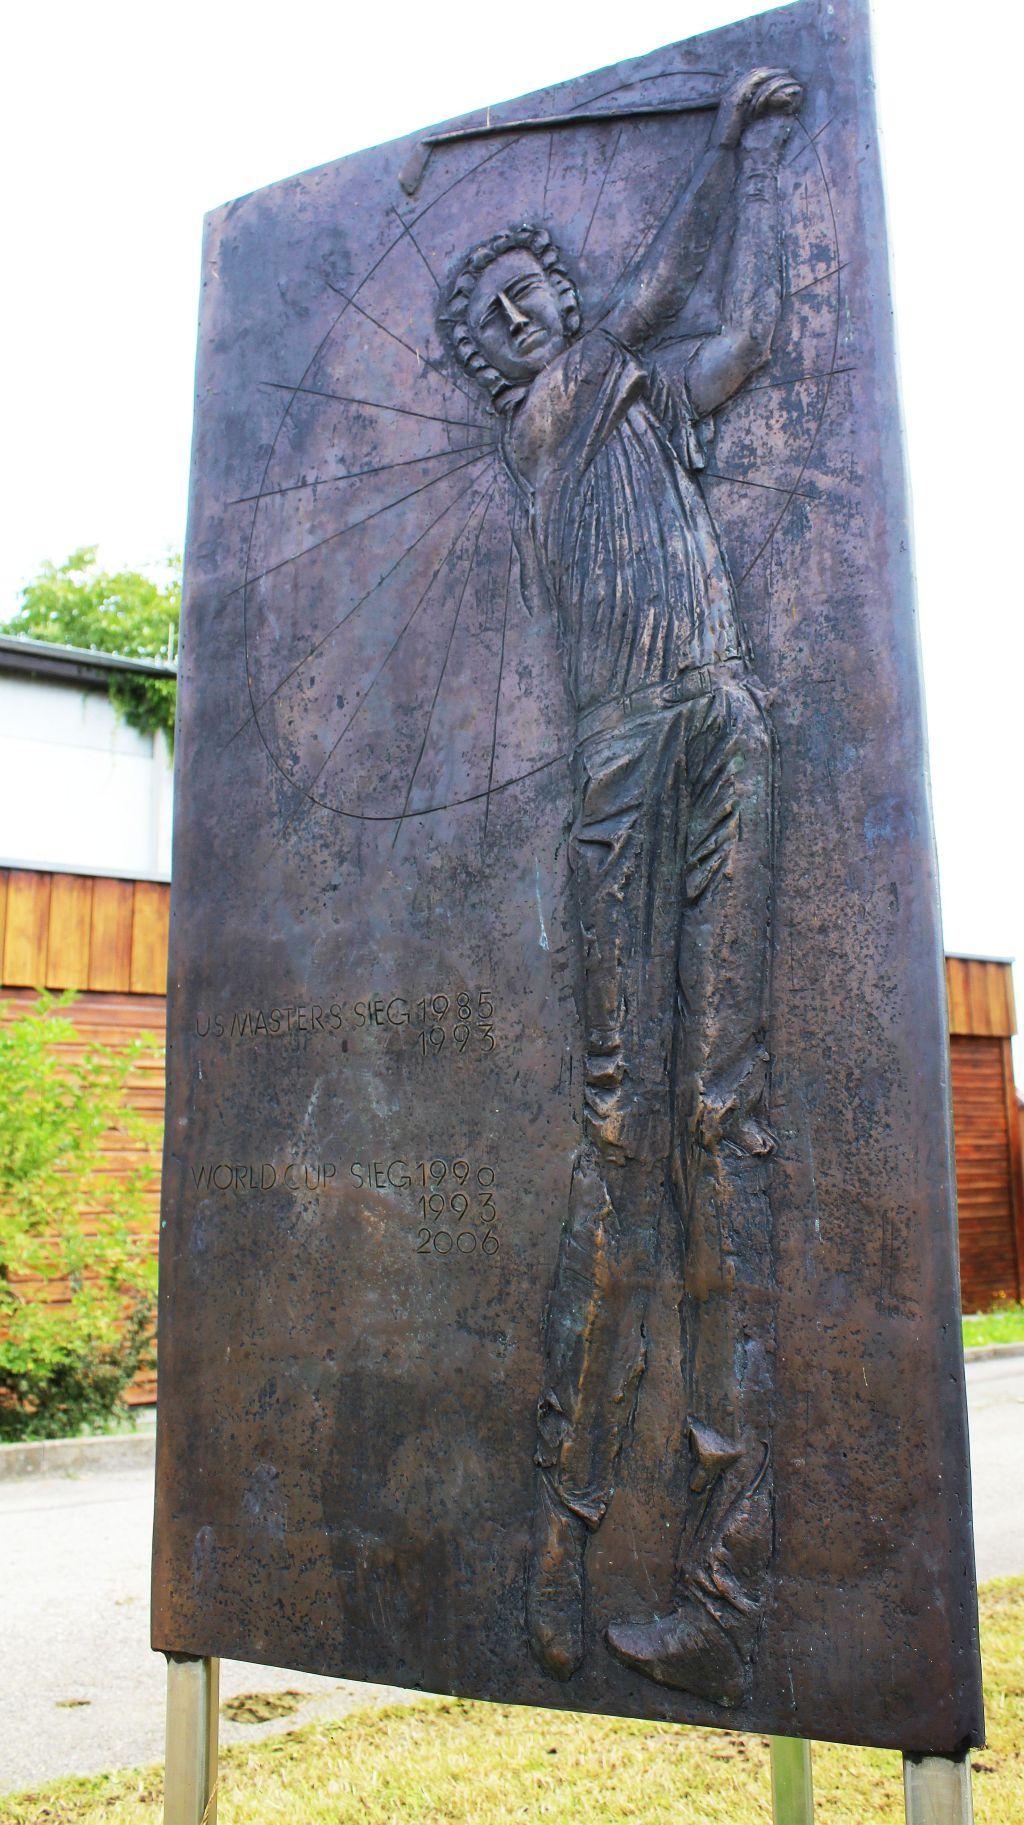 Die Stele zeigt auf drei Seiten die größten Erfolge Langers (c) Stephan Schöttl